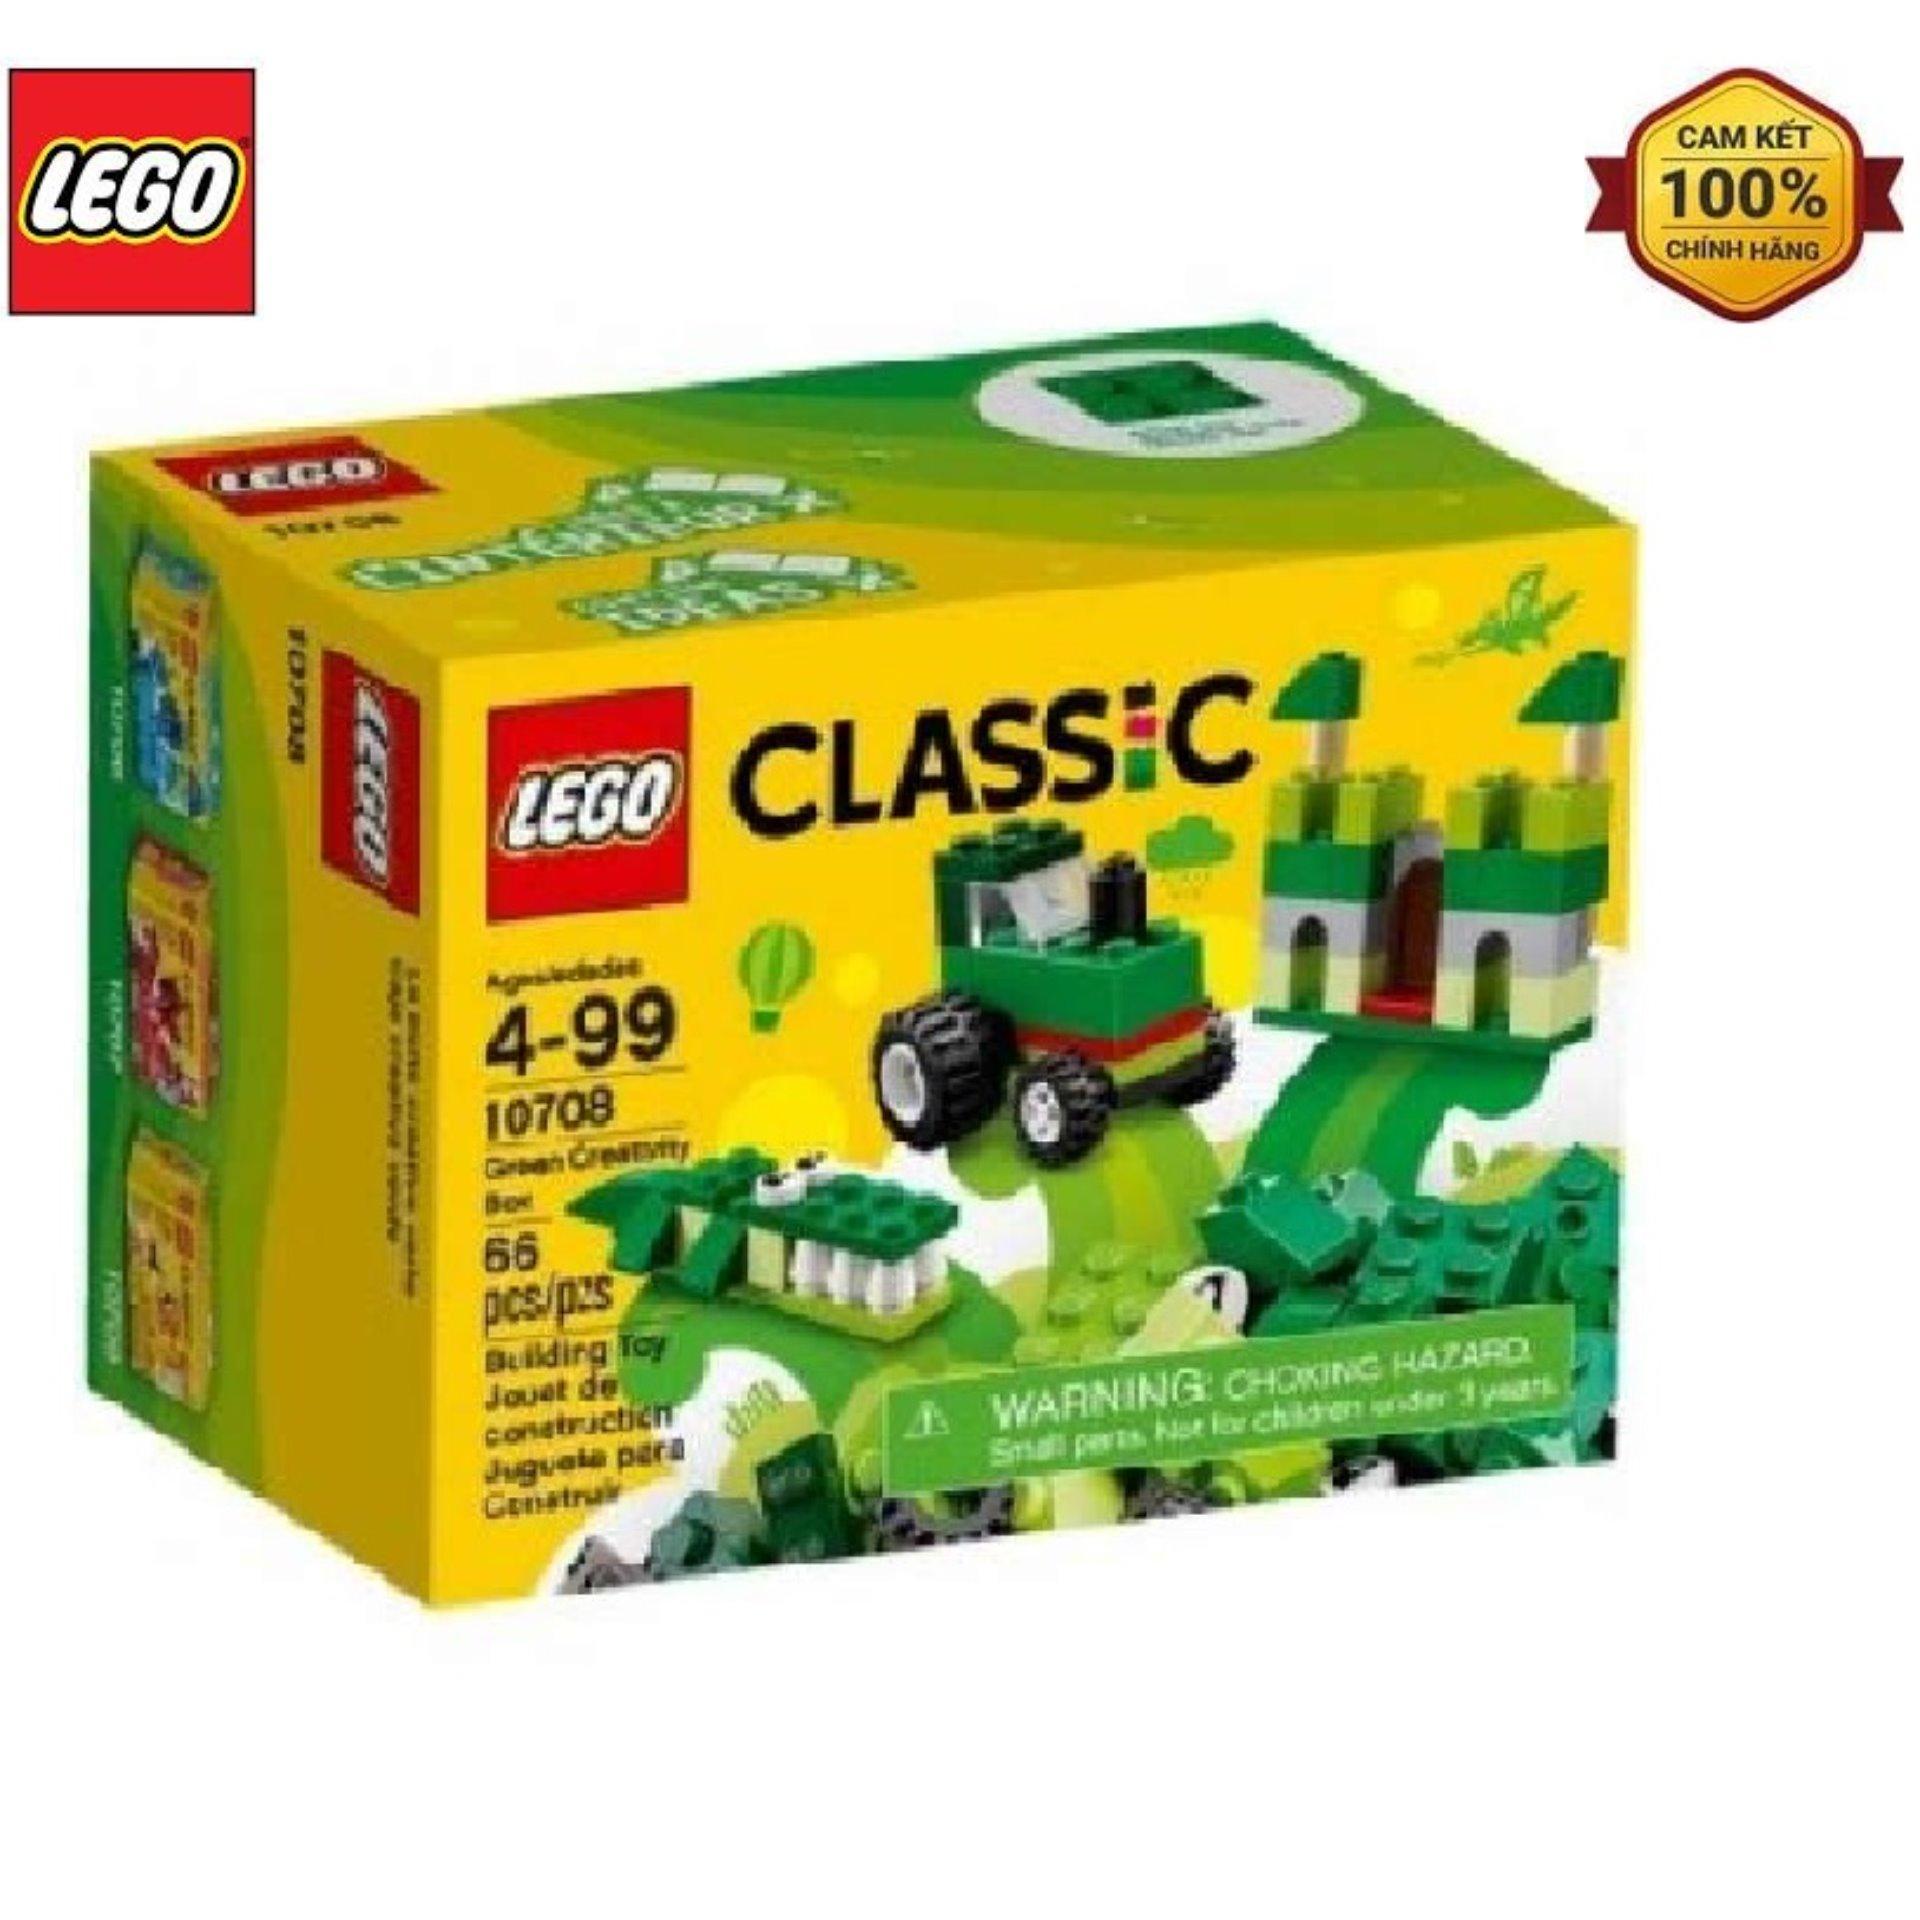 Mô Hình Lego Classic - Lắp Ráp Classic Màu Xanh Lá 10708 (66 Mảnh Ghép) Giá Tốt Duy Nhất tại Lazada